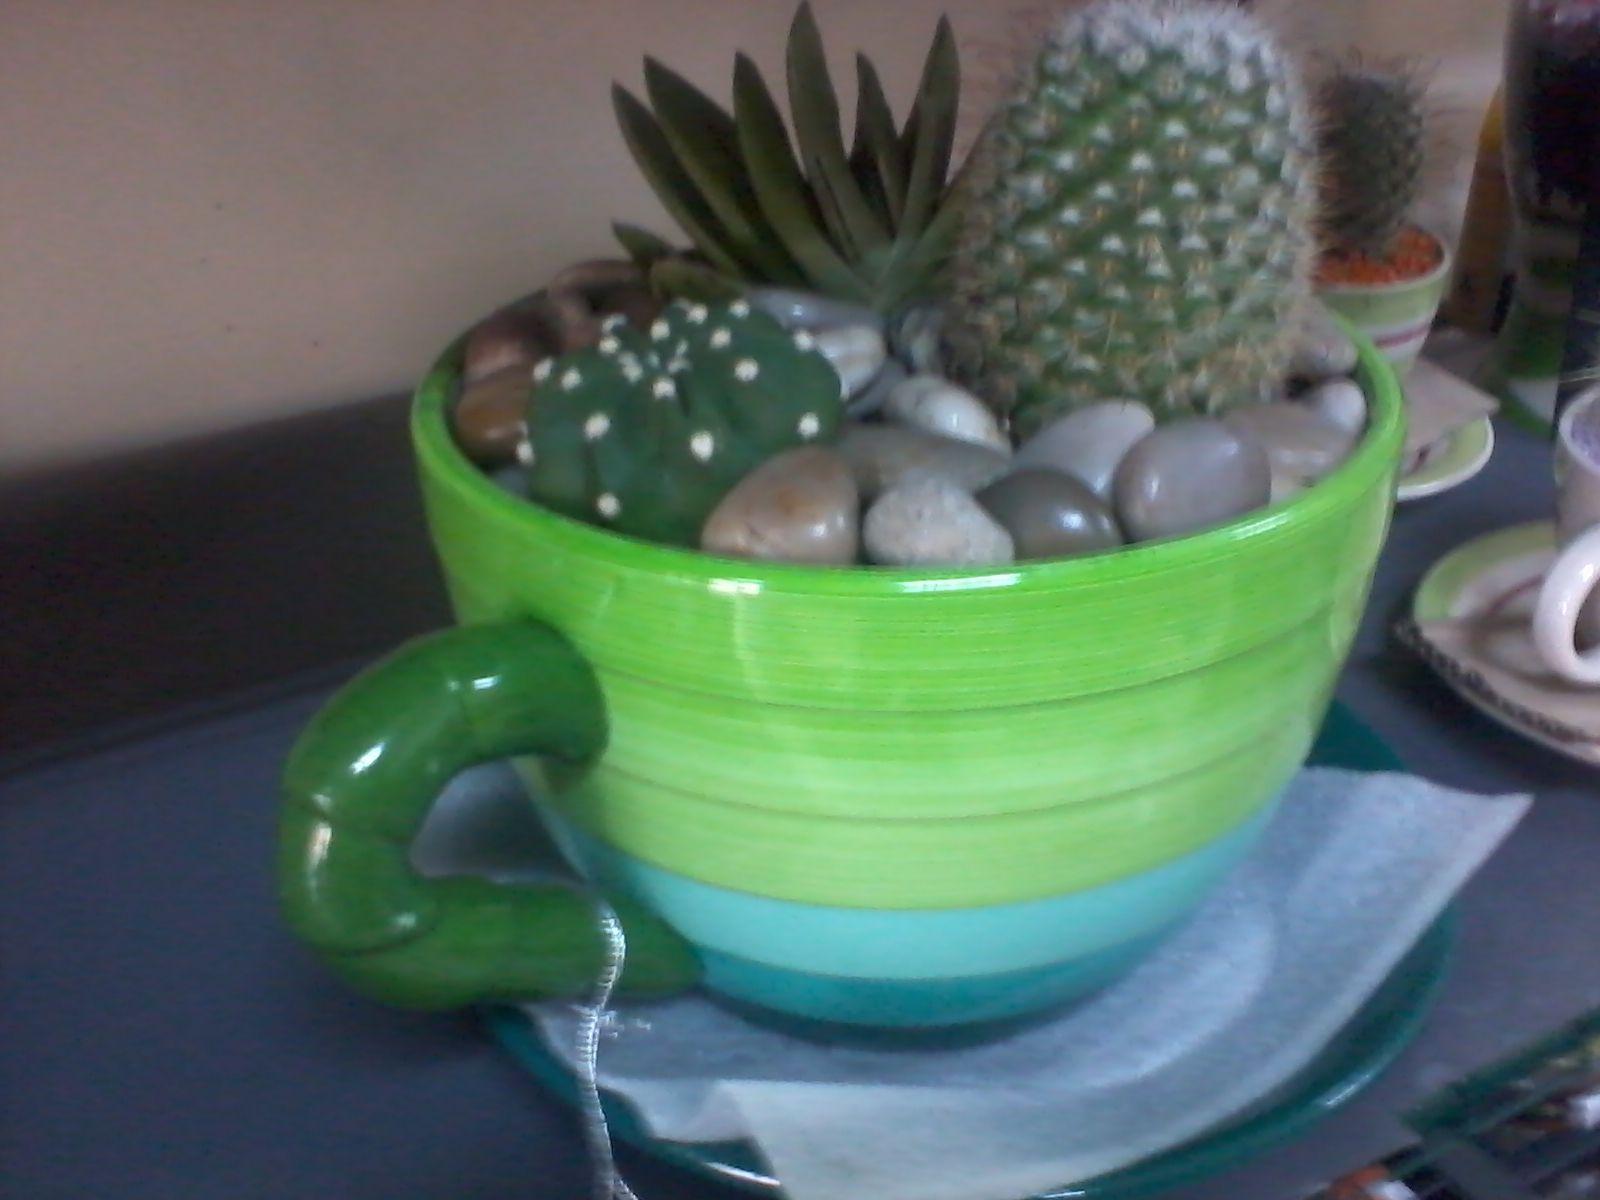 Vaso tazzone con grasse composizioni regalo di piante - Piante regalo ...